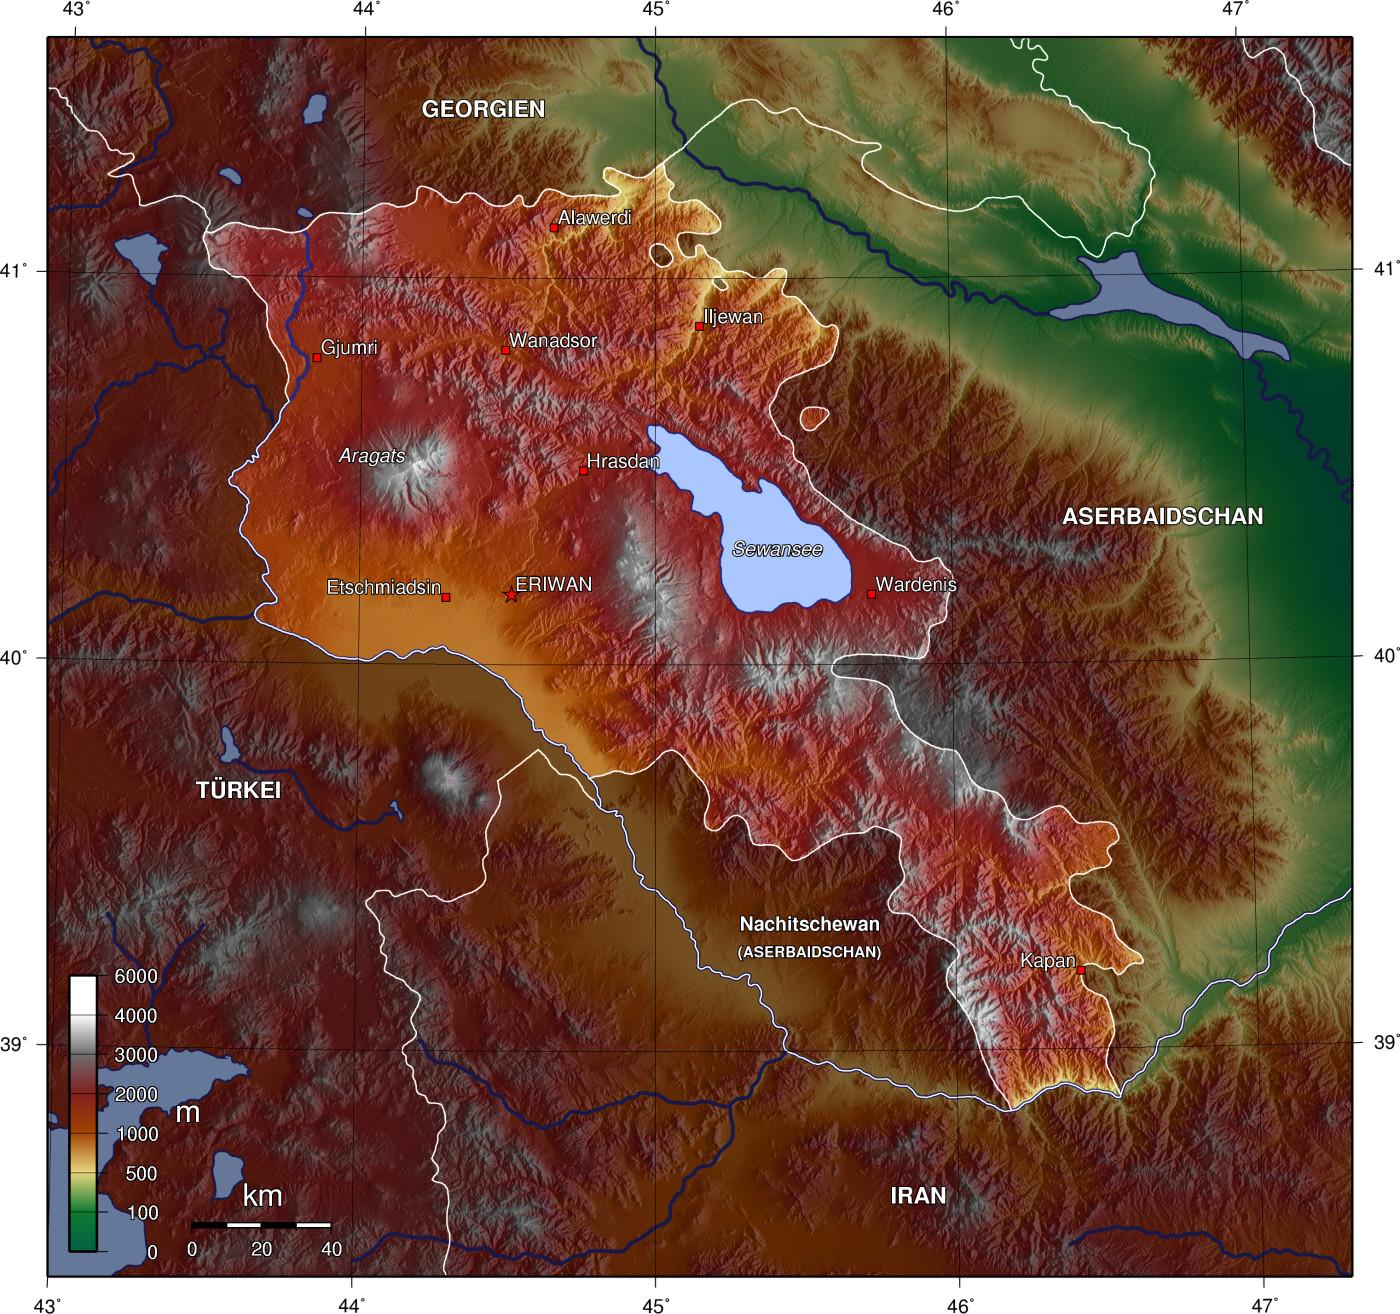 Топографическая карта армении